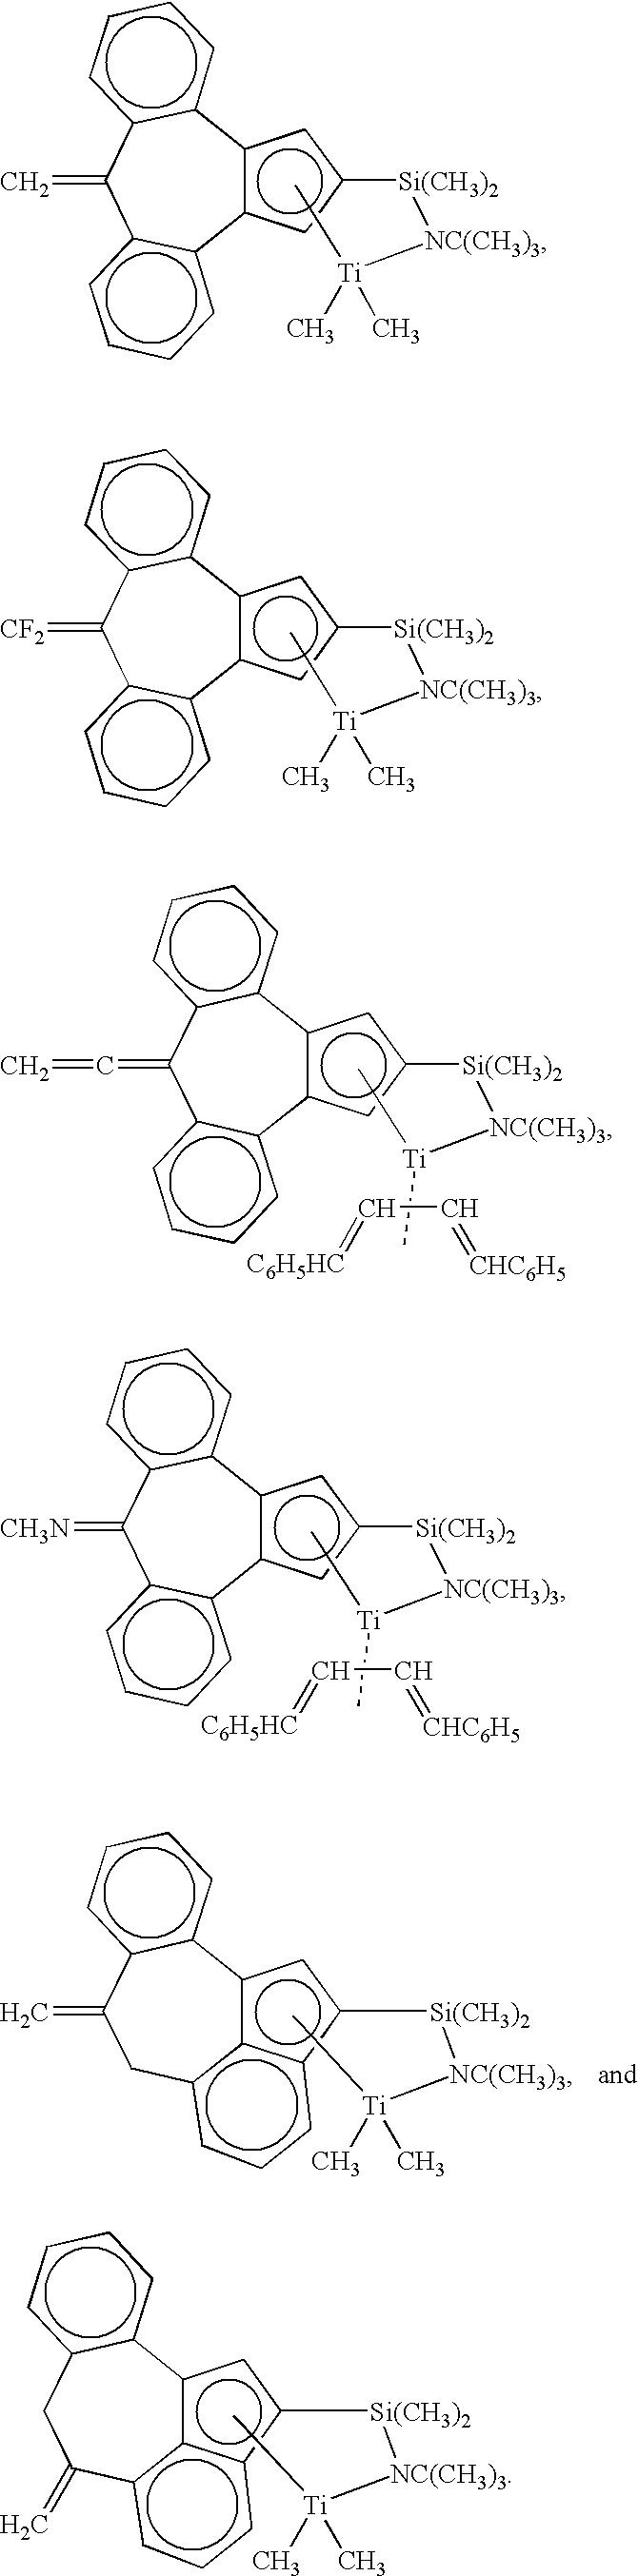 Figure US07858707-20101228-C00010